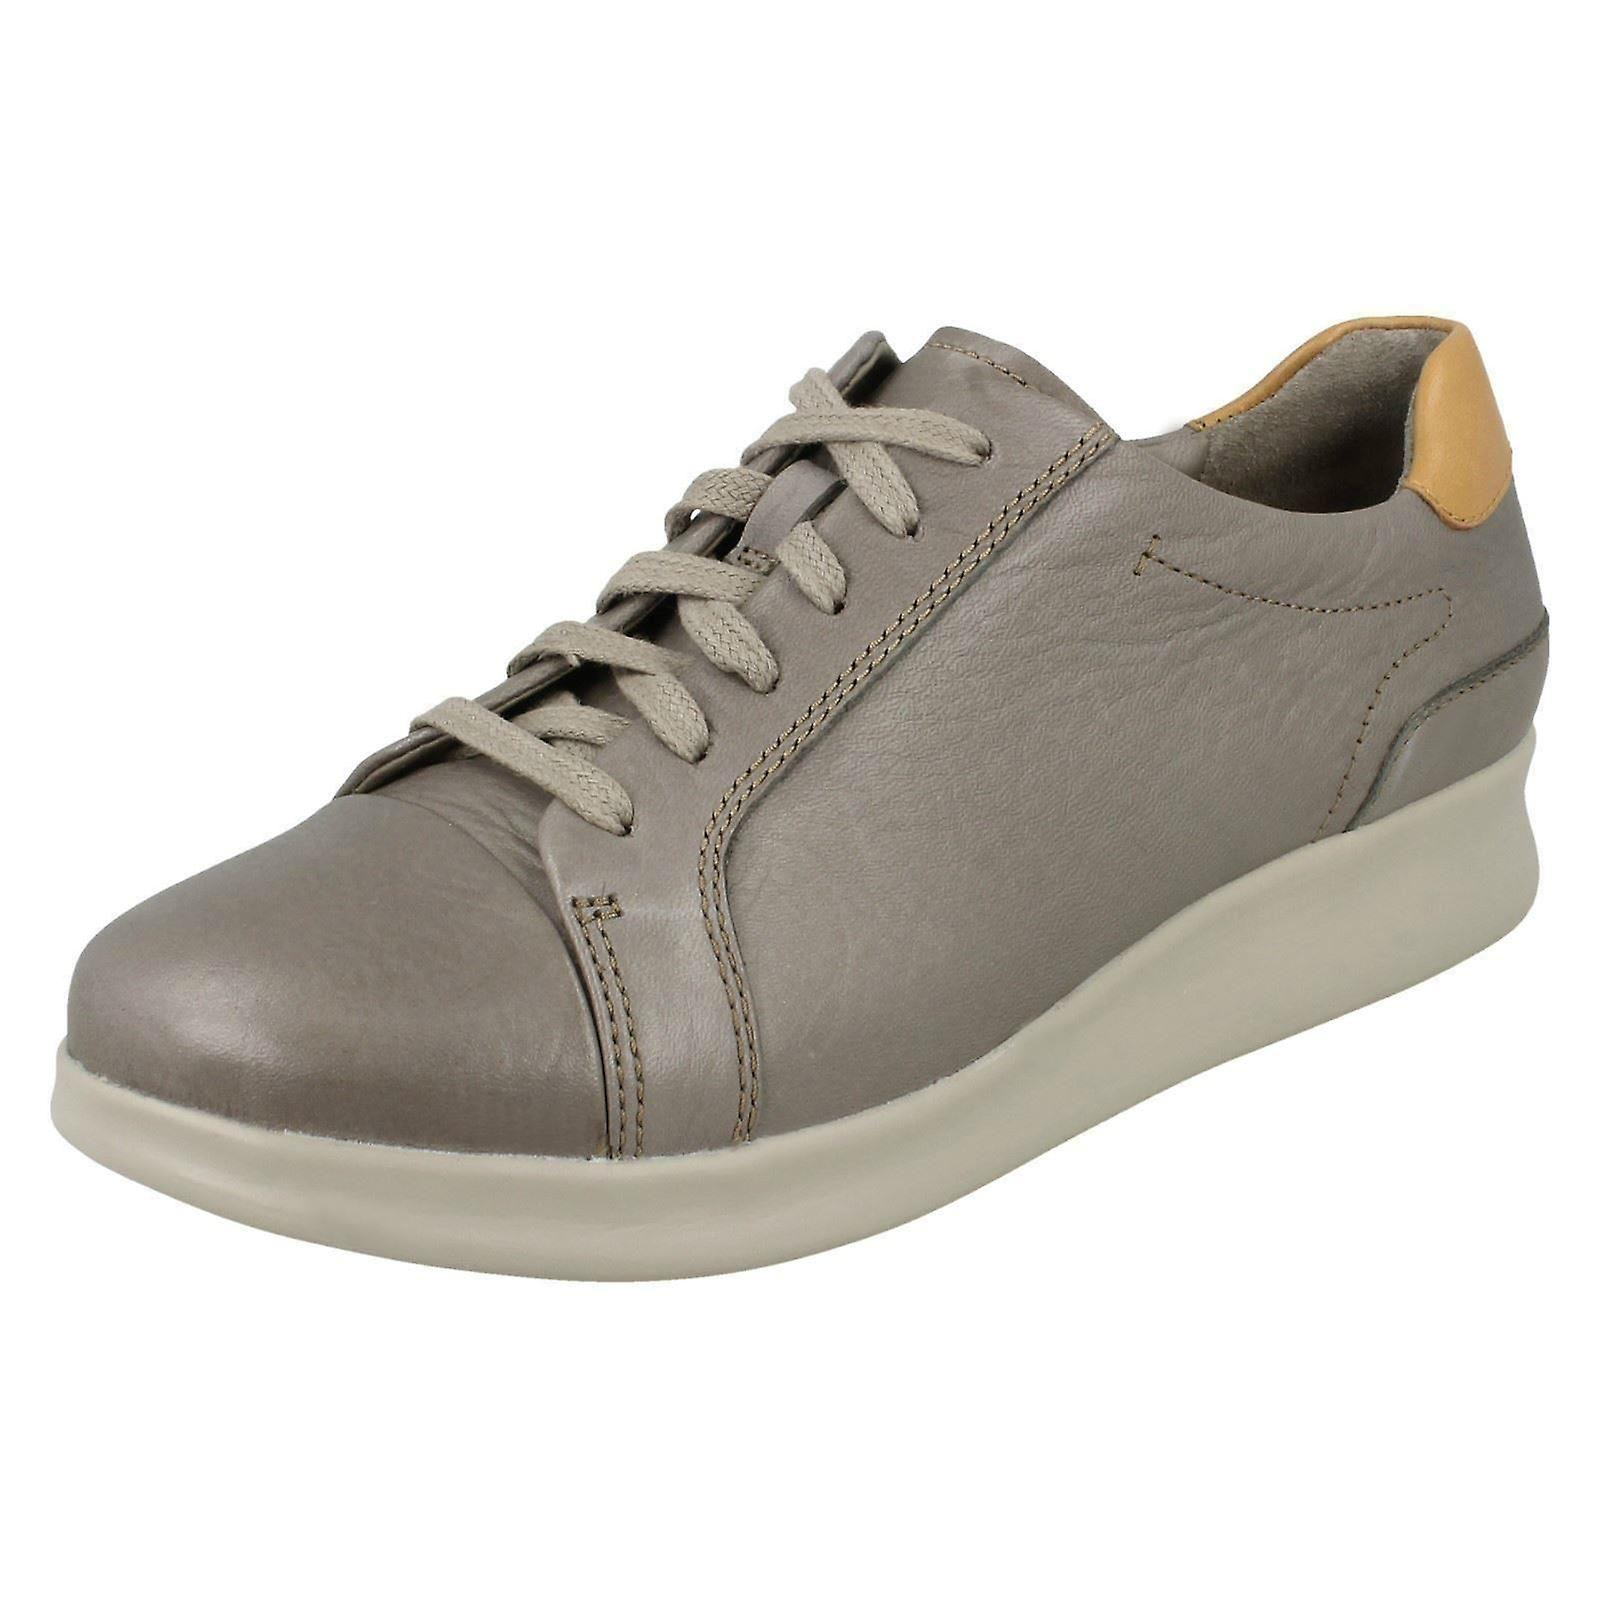 Mesdames Unstructurouge de Clarks chaussures occasionnelles Un Flare